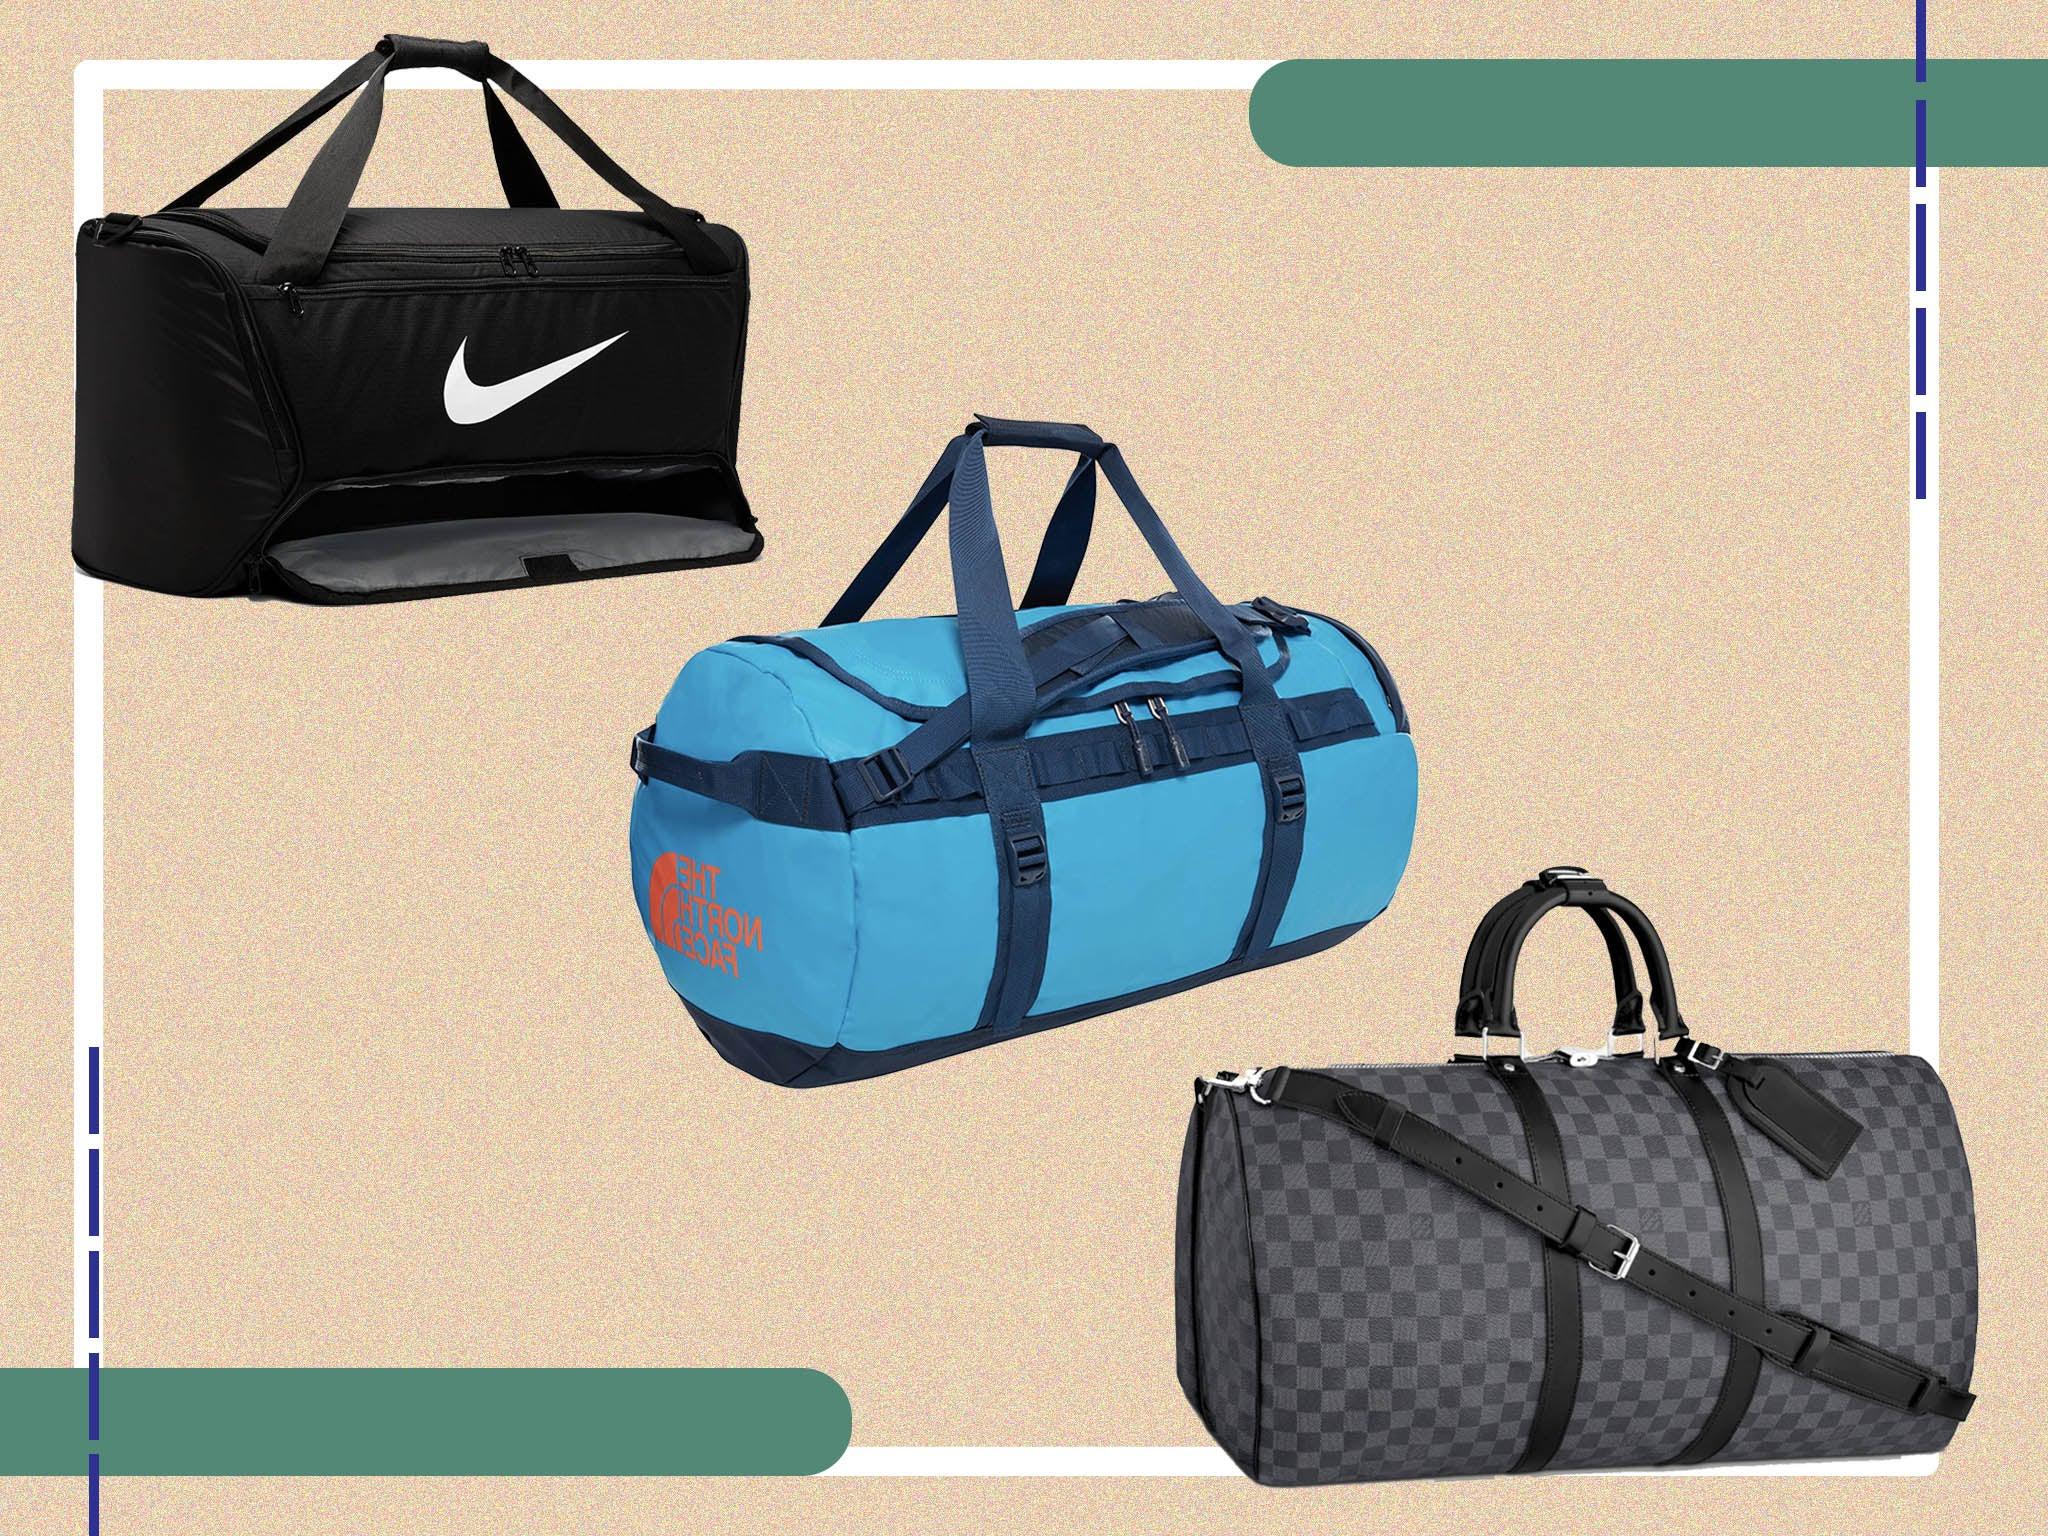 Tote Bag  Carry on Bag  Diaper Bag  Gym Bag  Weekend Bag  Overnignt Bag  Weekender  Travel Bag   Navy Blue and White